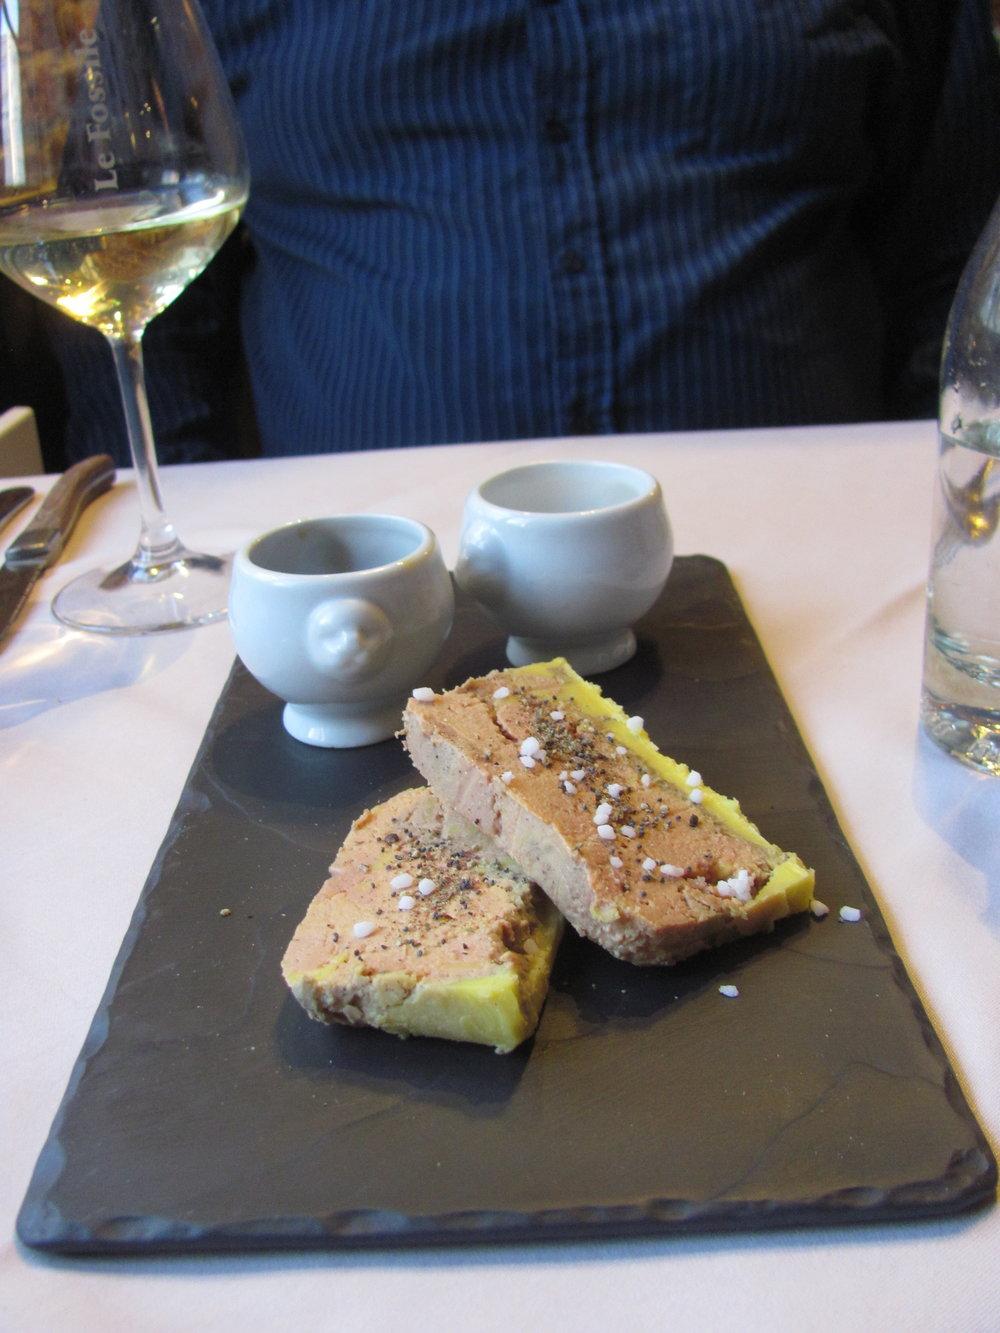 Slices of Foie Gras or  Foie Gras de Canard et ses Oignons Confits du Chef . Simple. Delicious.